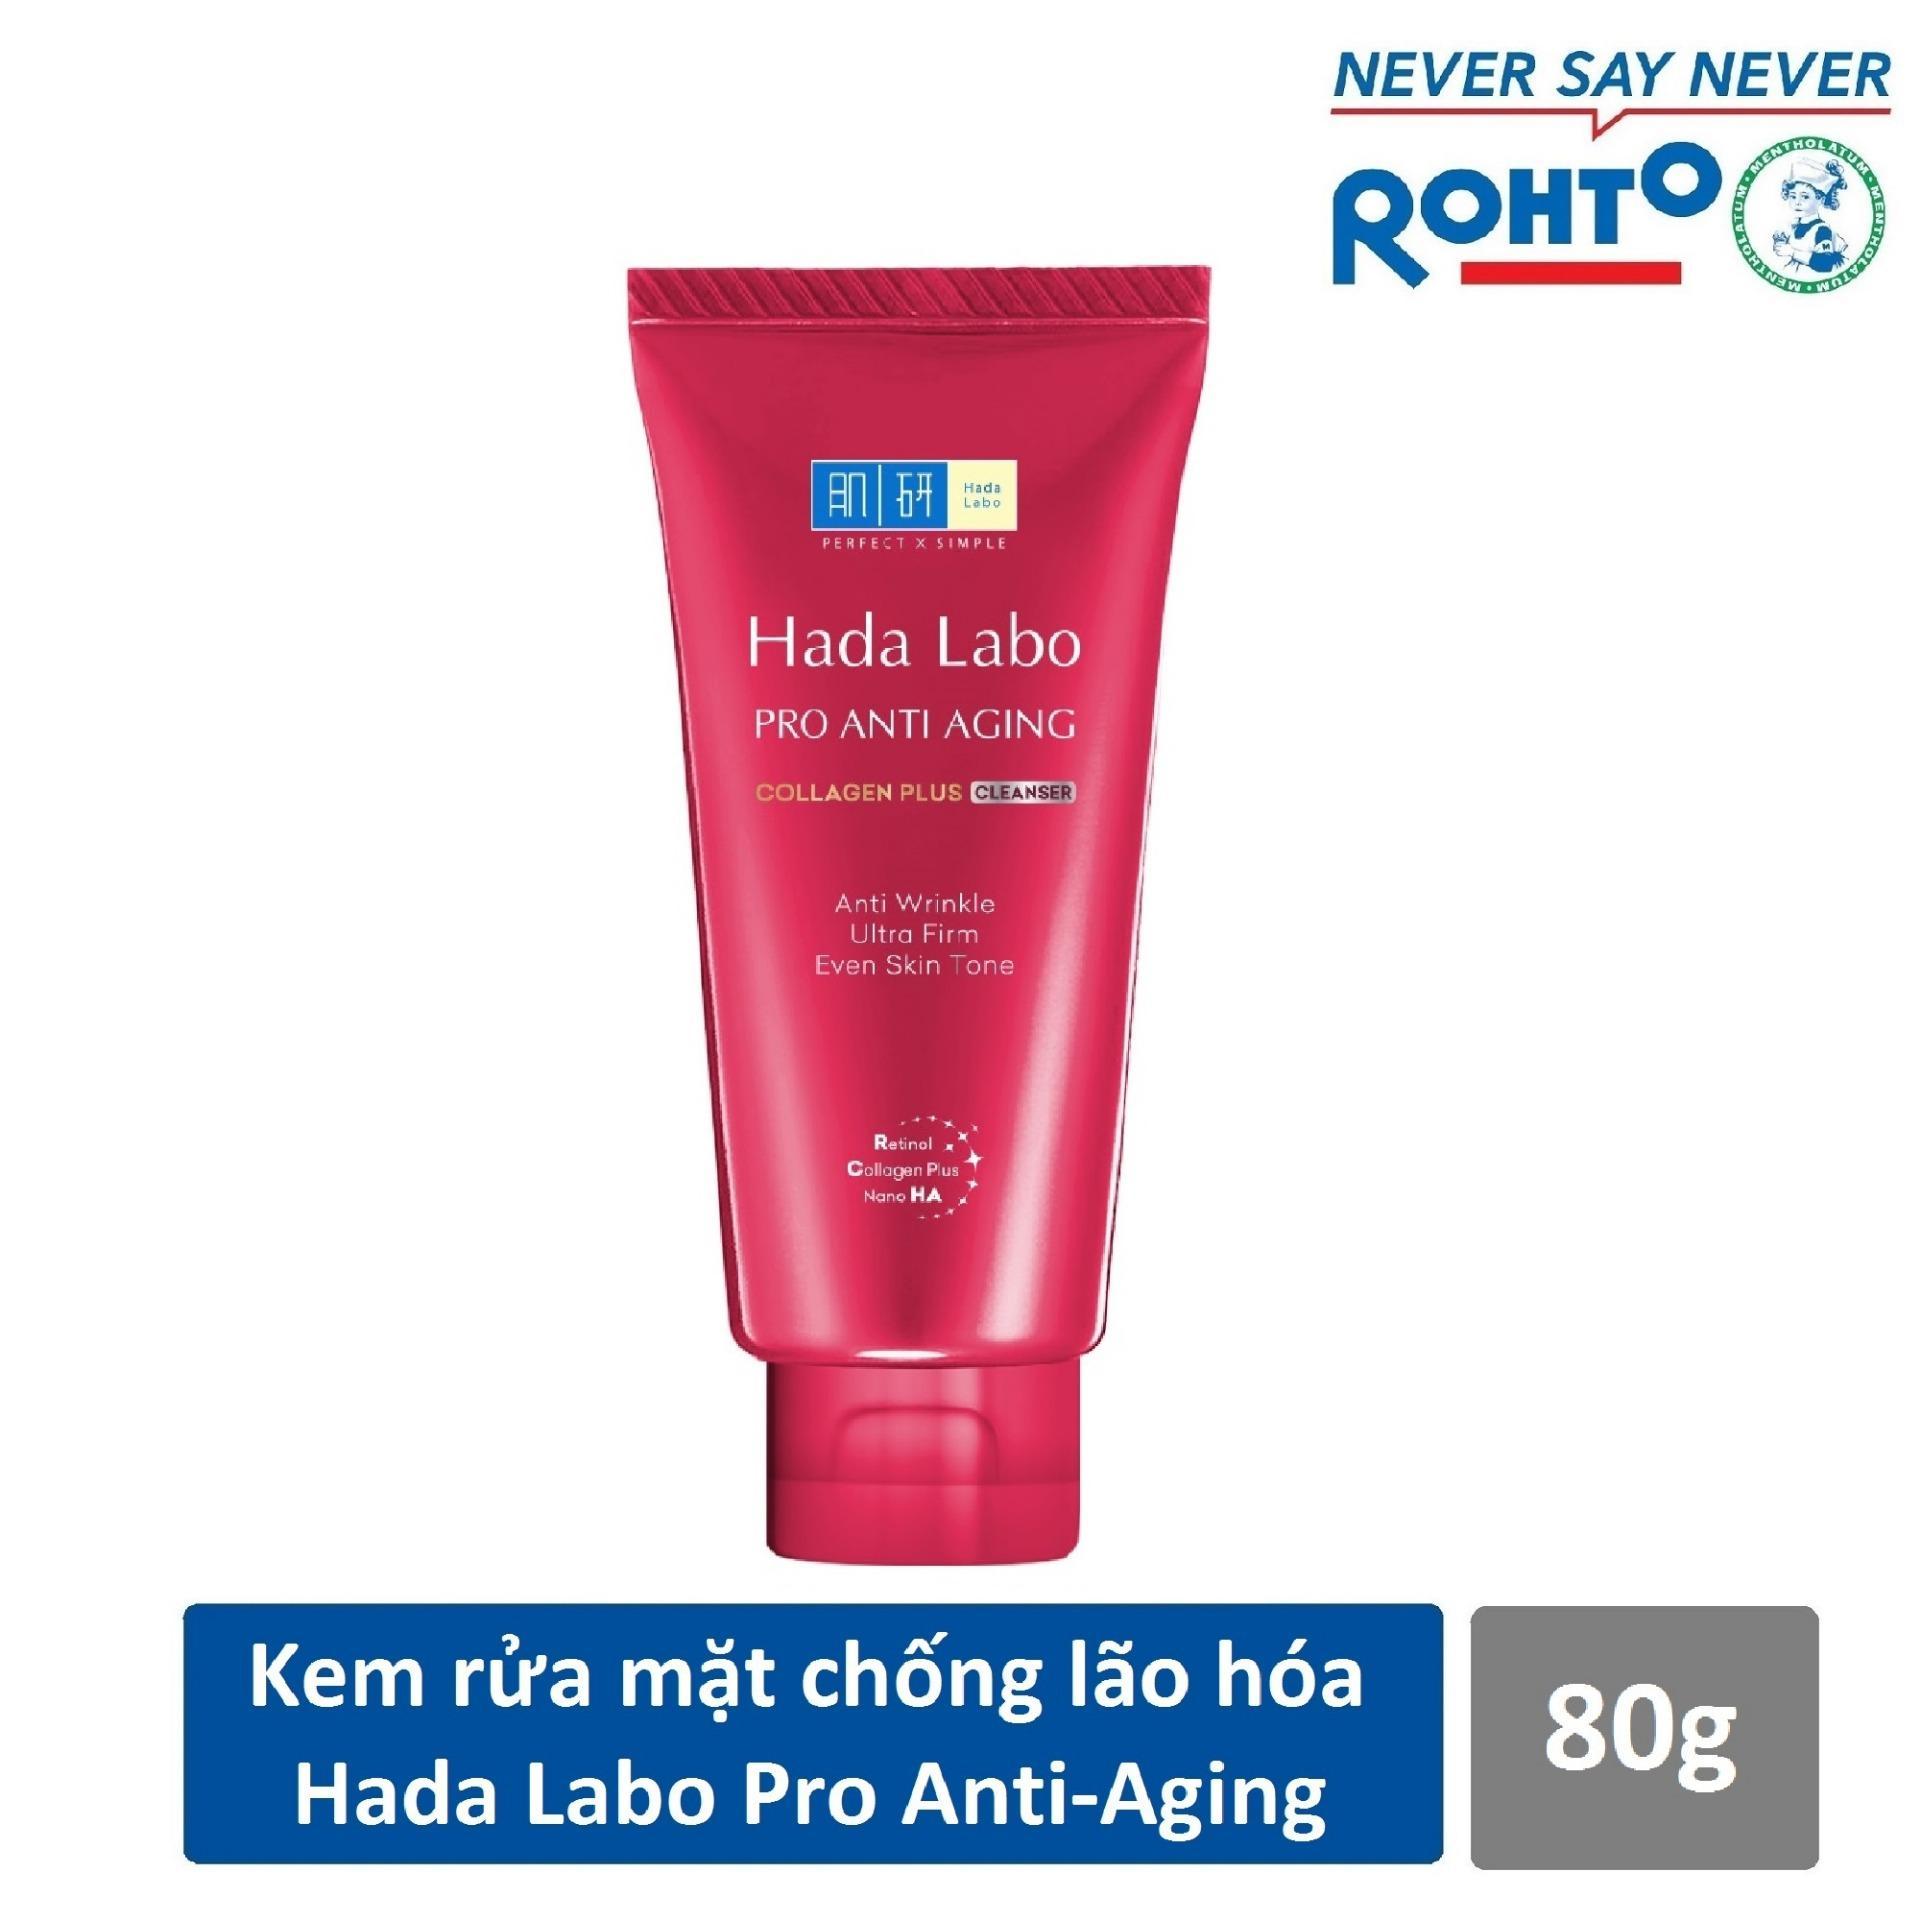 Kem rửa mặt dưỡng chuyên biệt chống lão hóa Hada Labo Pro Anti Aging Cleanser 80g chính hãng